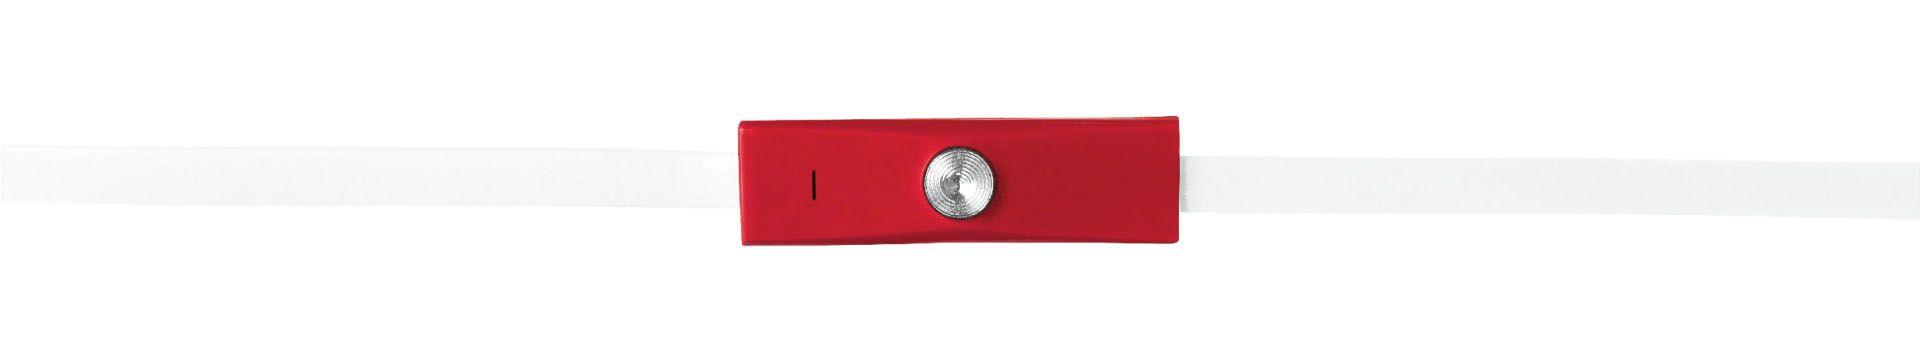 Fone de Ouvido com Microfone - Mobi Vermelho - Trust